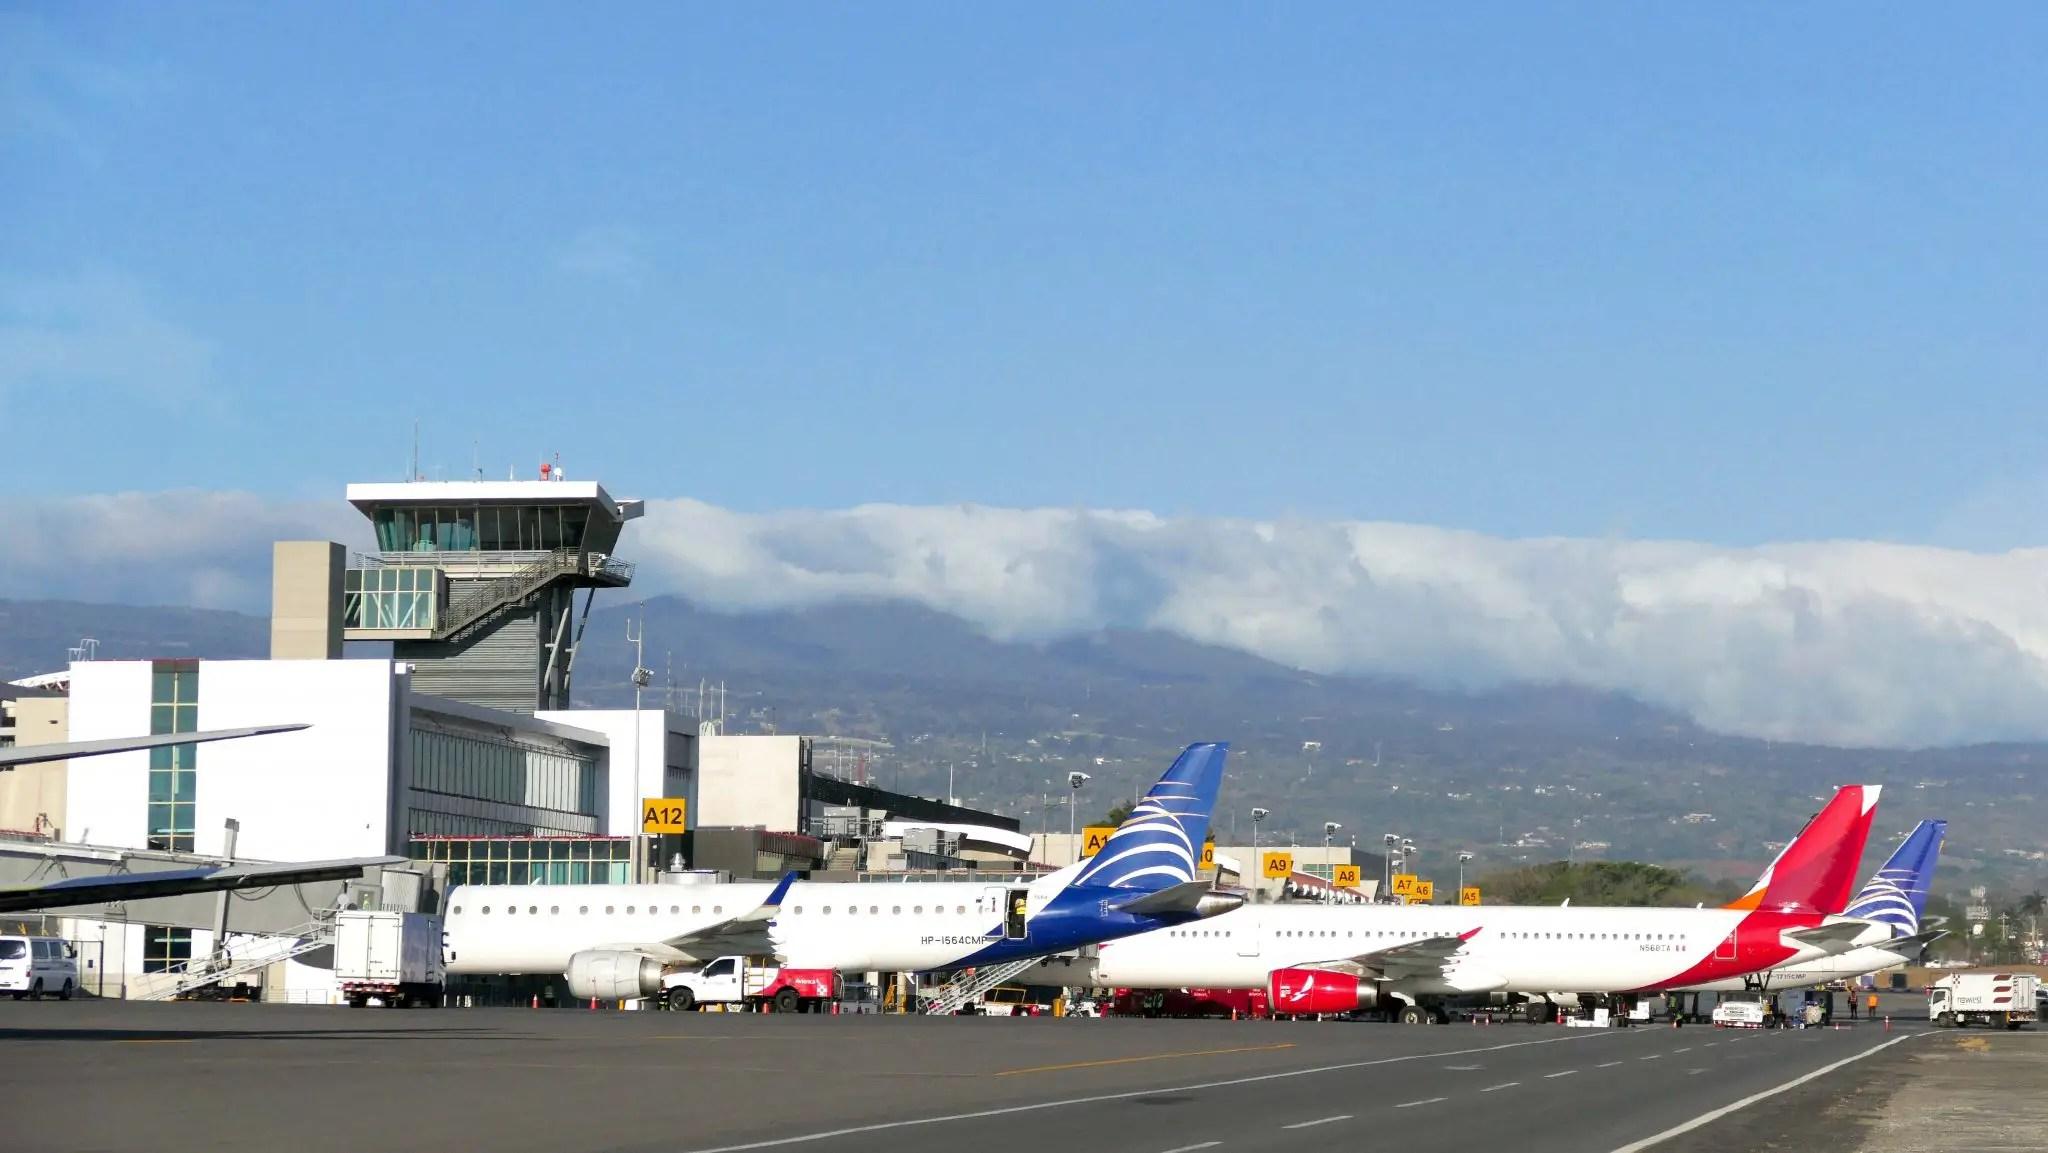 Aeropuerto Santa Marina Costa Rica jpg?fit=2048,1153&ssl=1.